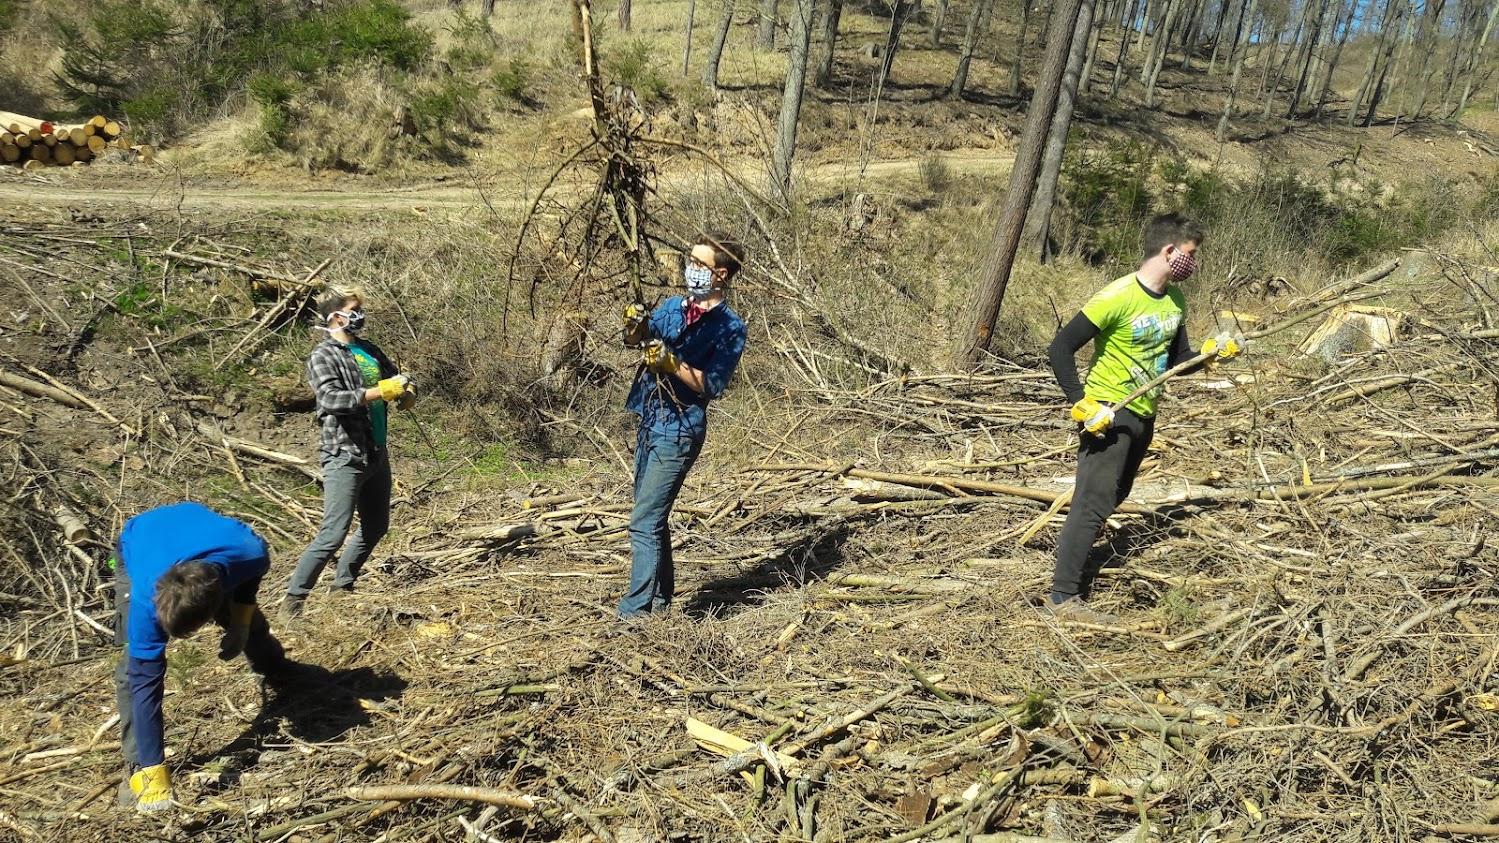 Studenti využili volného času a vyrazili na brigádu pomoci s obnovou lesů. Foto: Jan Kouřil